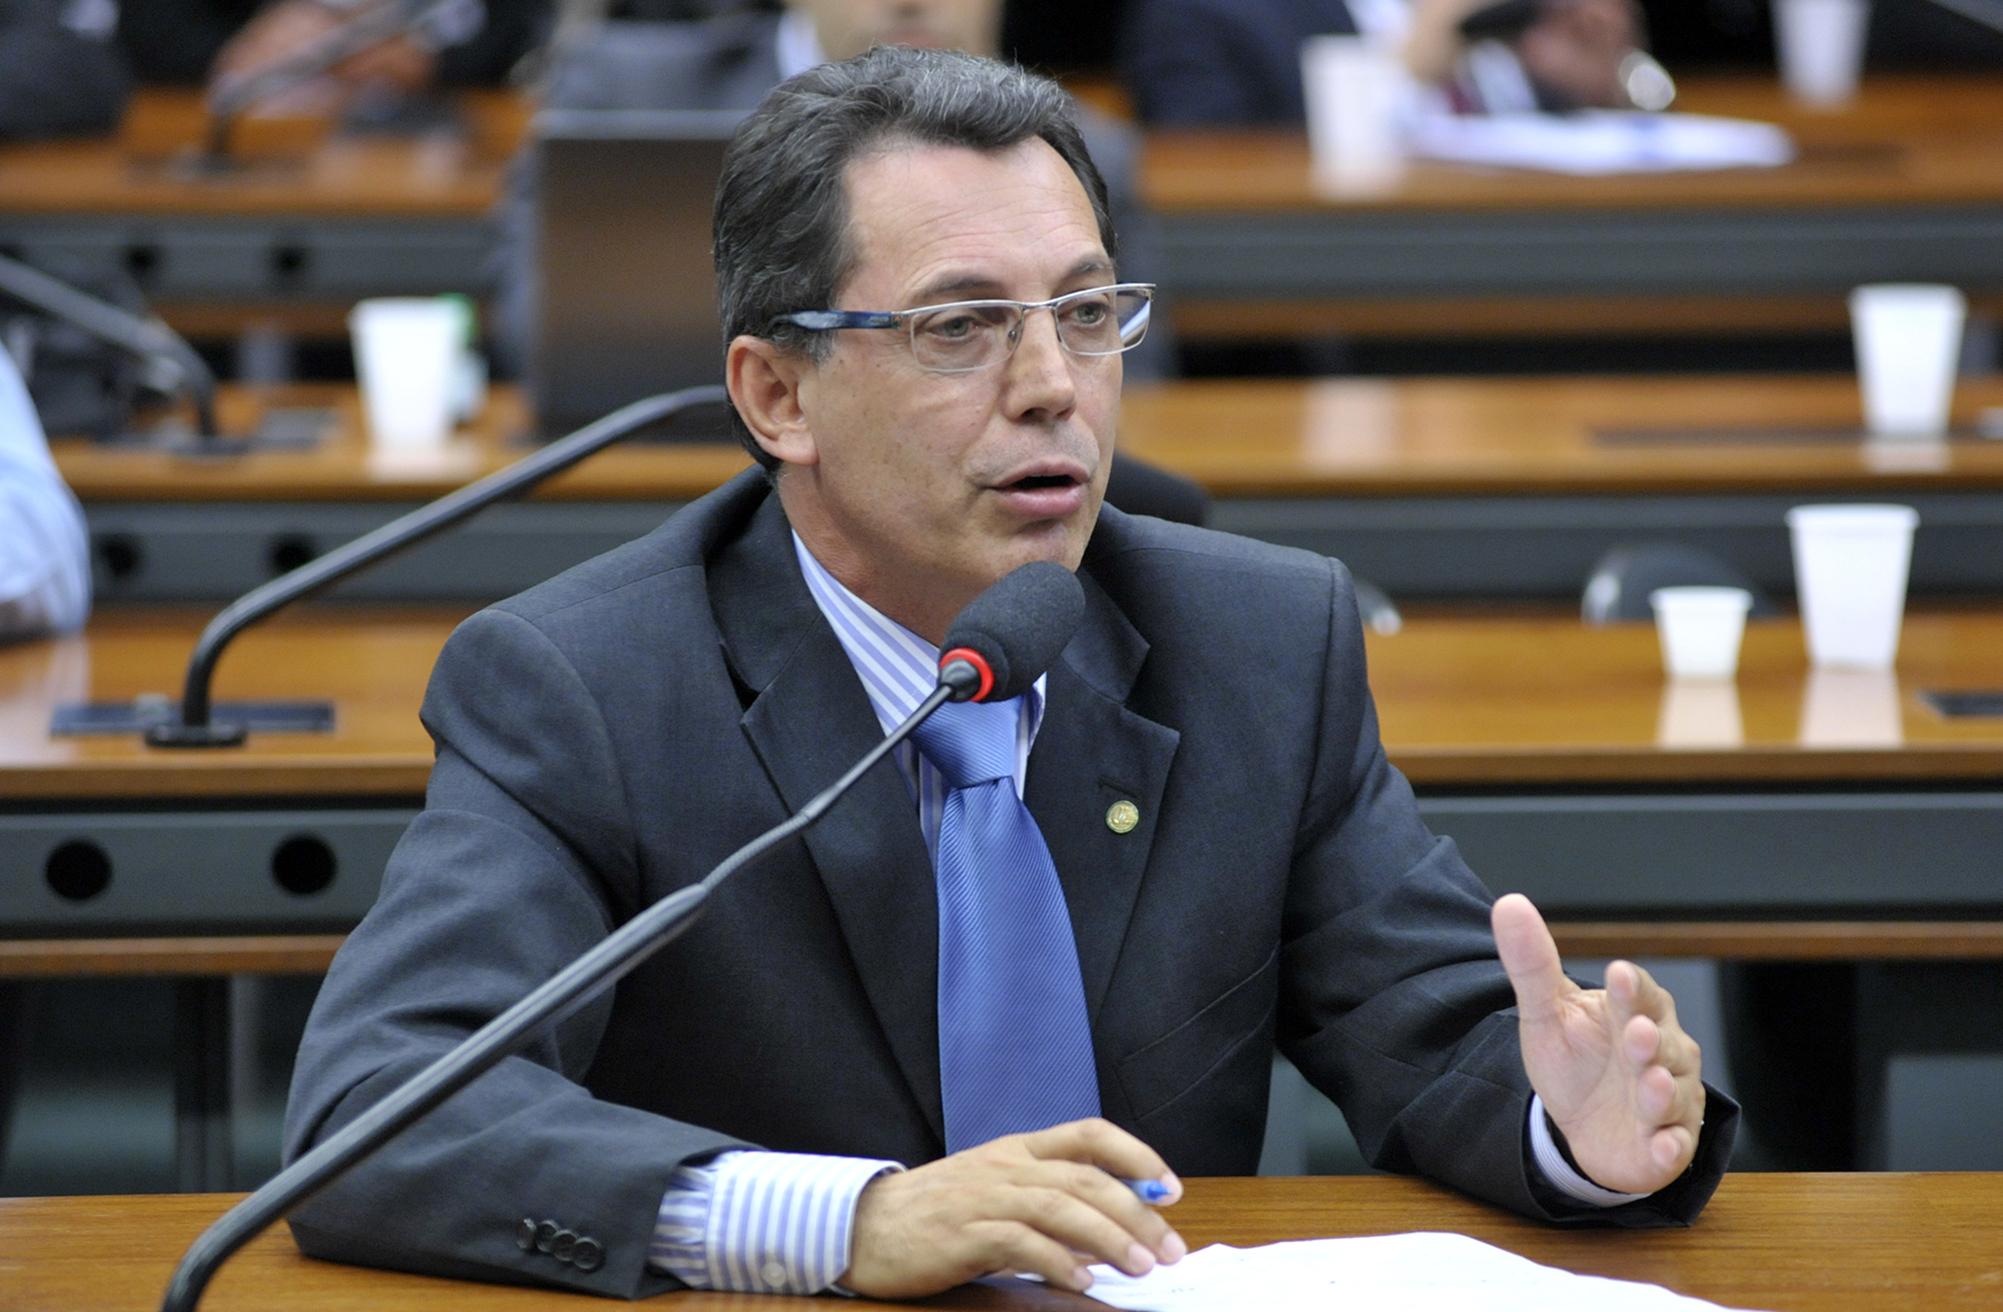 Audiência pública para debater novas Implantações de Campus de Ensinos Superiores Federais no Sistema de Educacional do País. Dep. Ezequiel Fonseca (PP-MT)